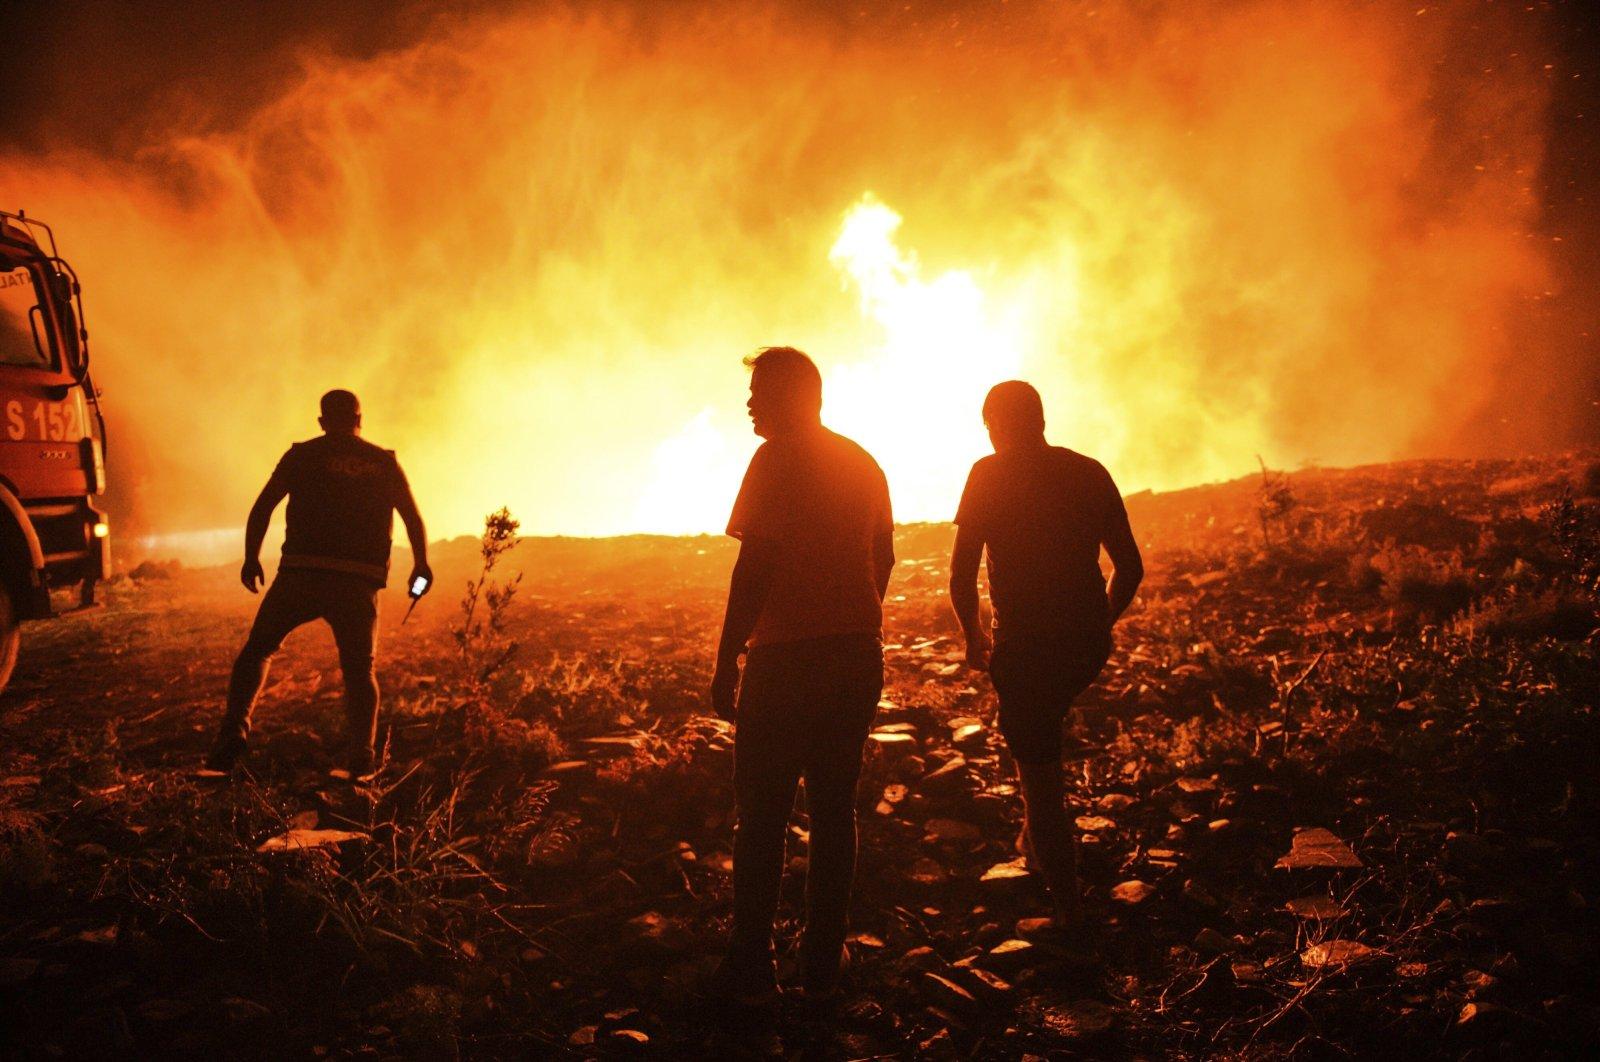 آتش سوزی ترکیه ماناوگات